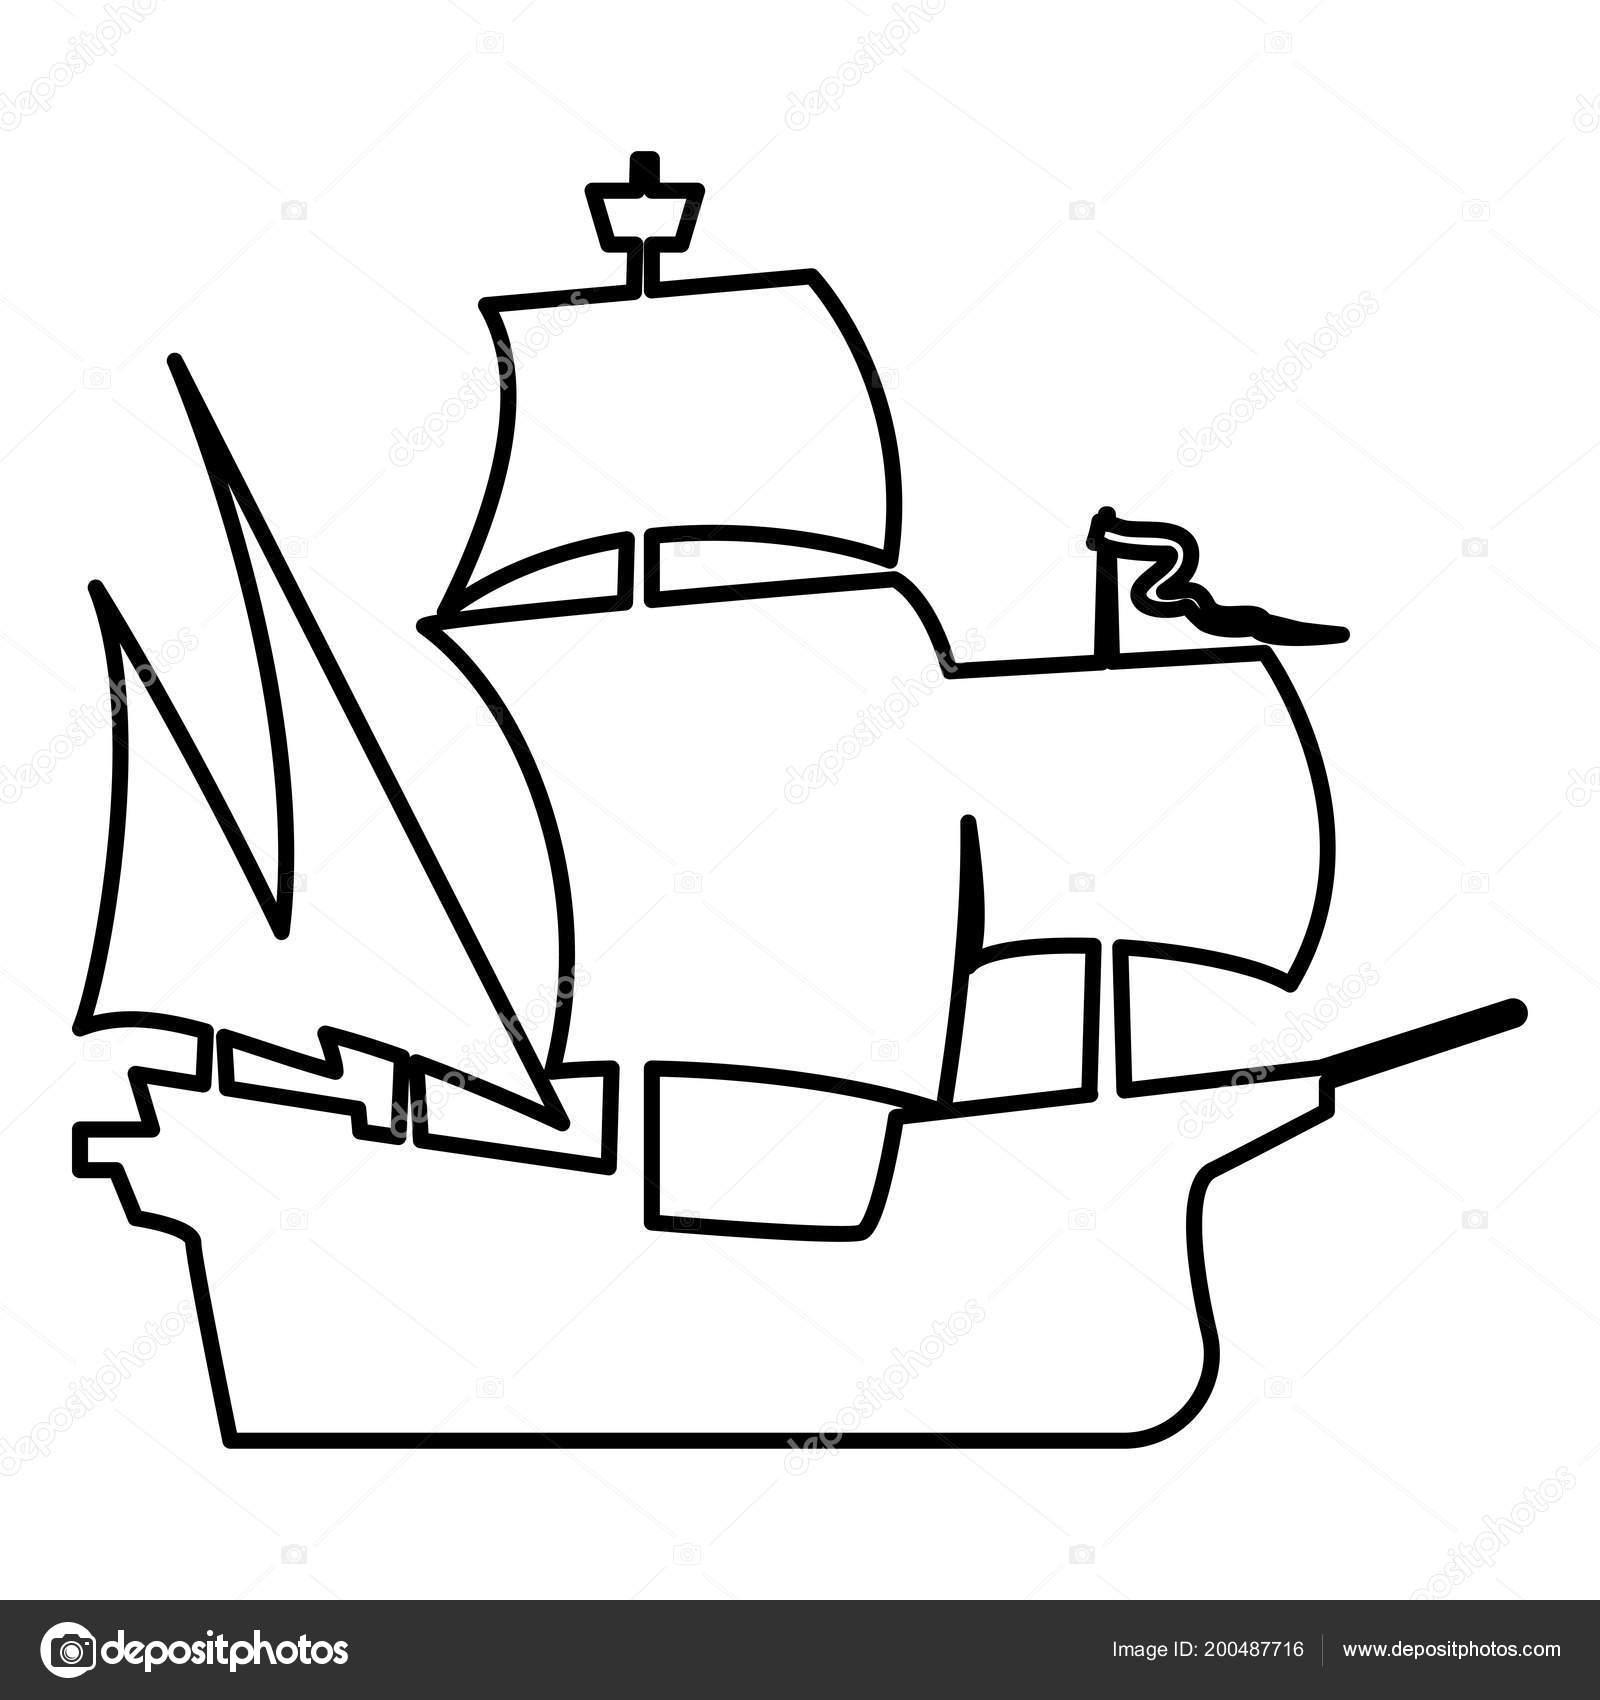 Ortaçağ Gemi Simge Siyah Renkli Vektör çizim Düz Stil Basit Stok